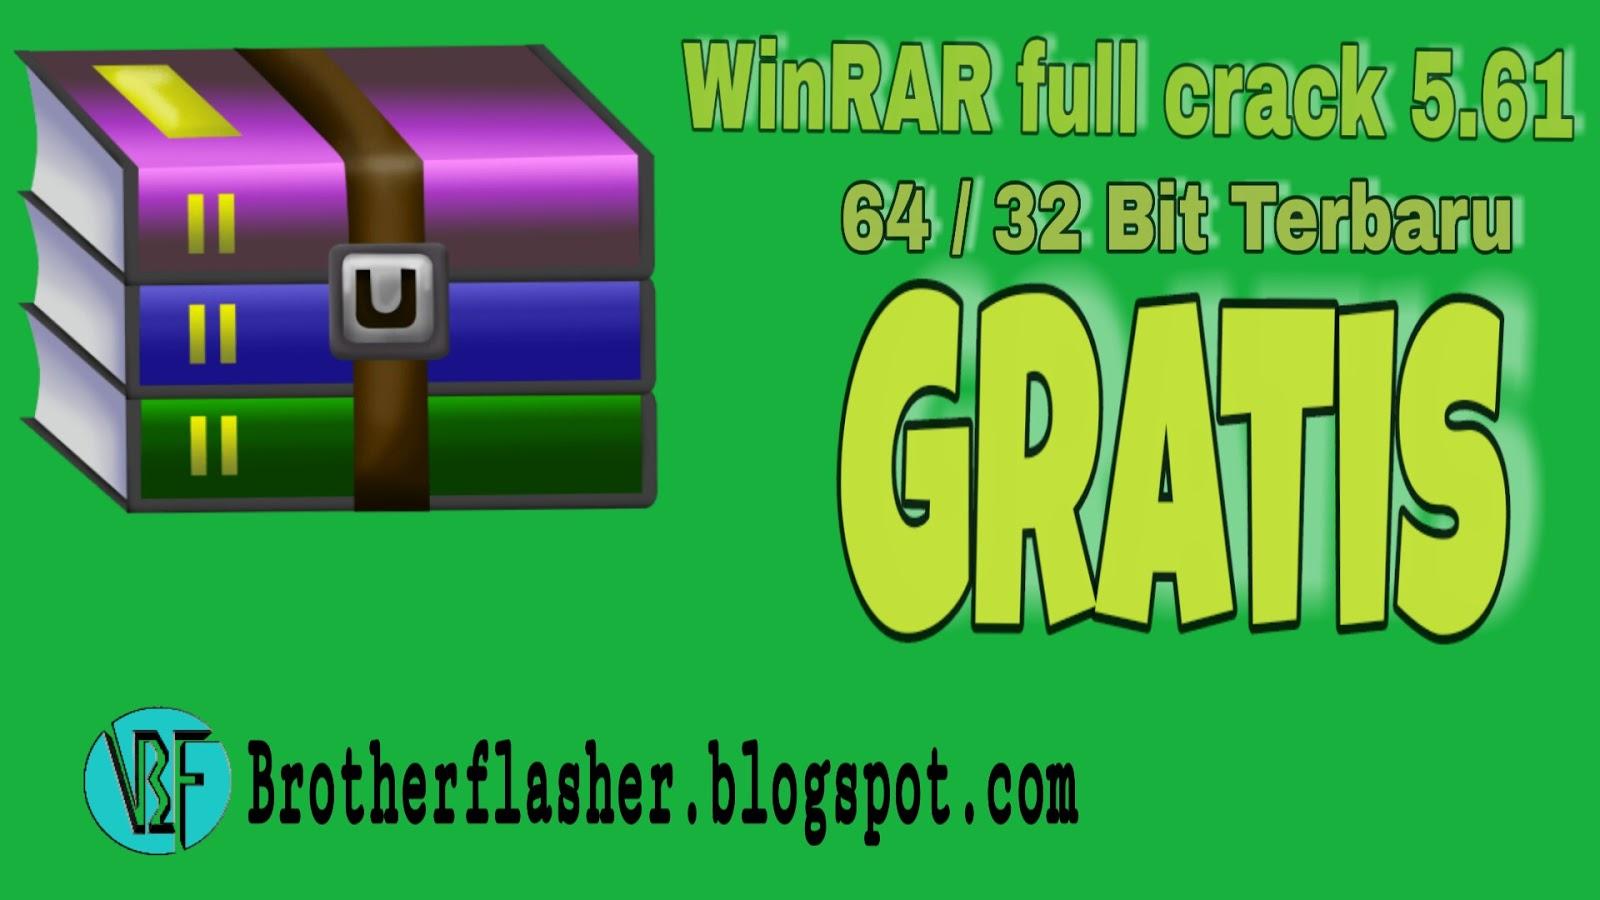 download winrar full crack gratis